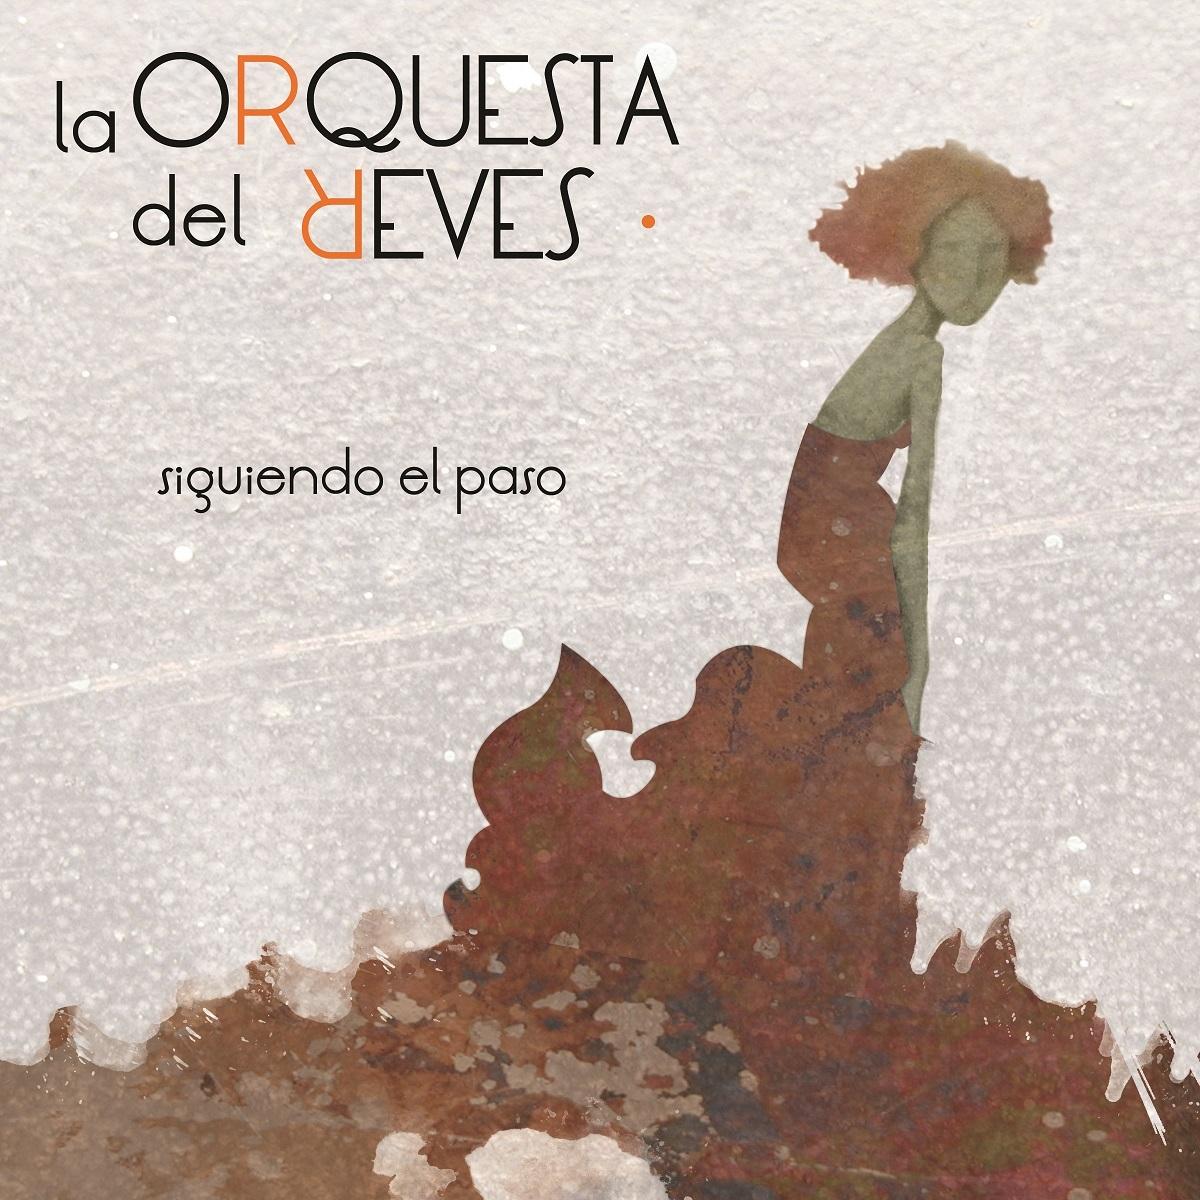 OrquestadelReves